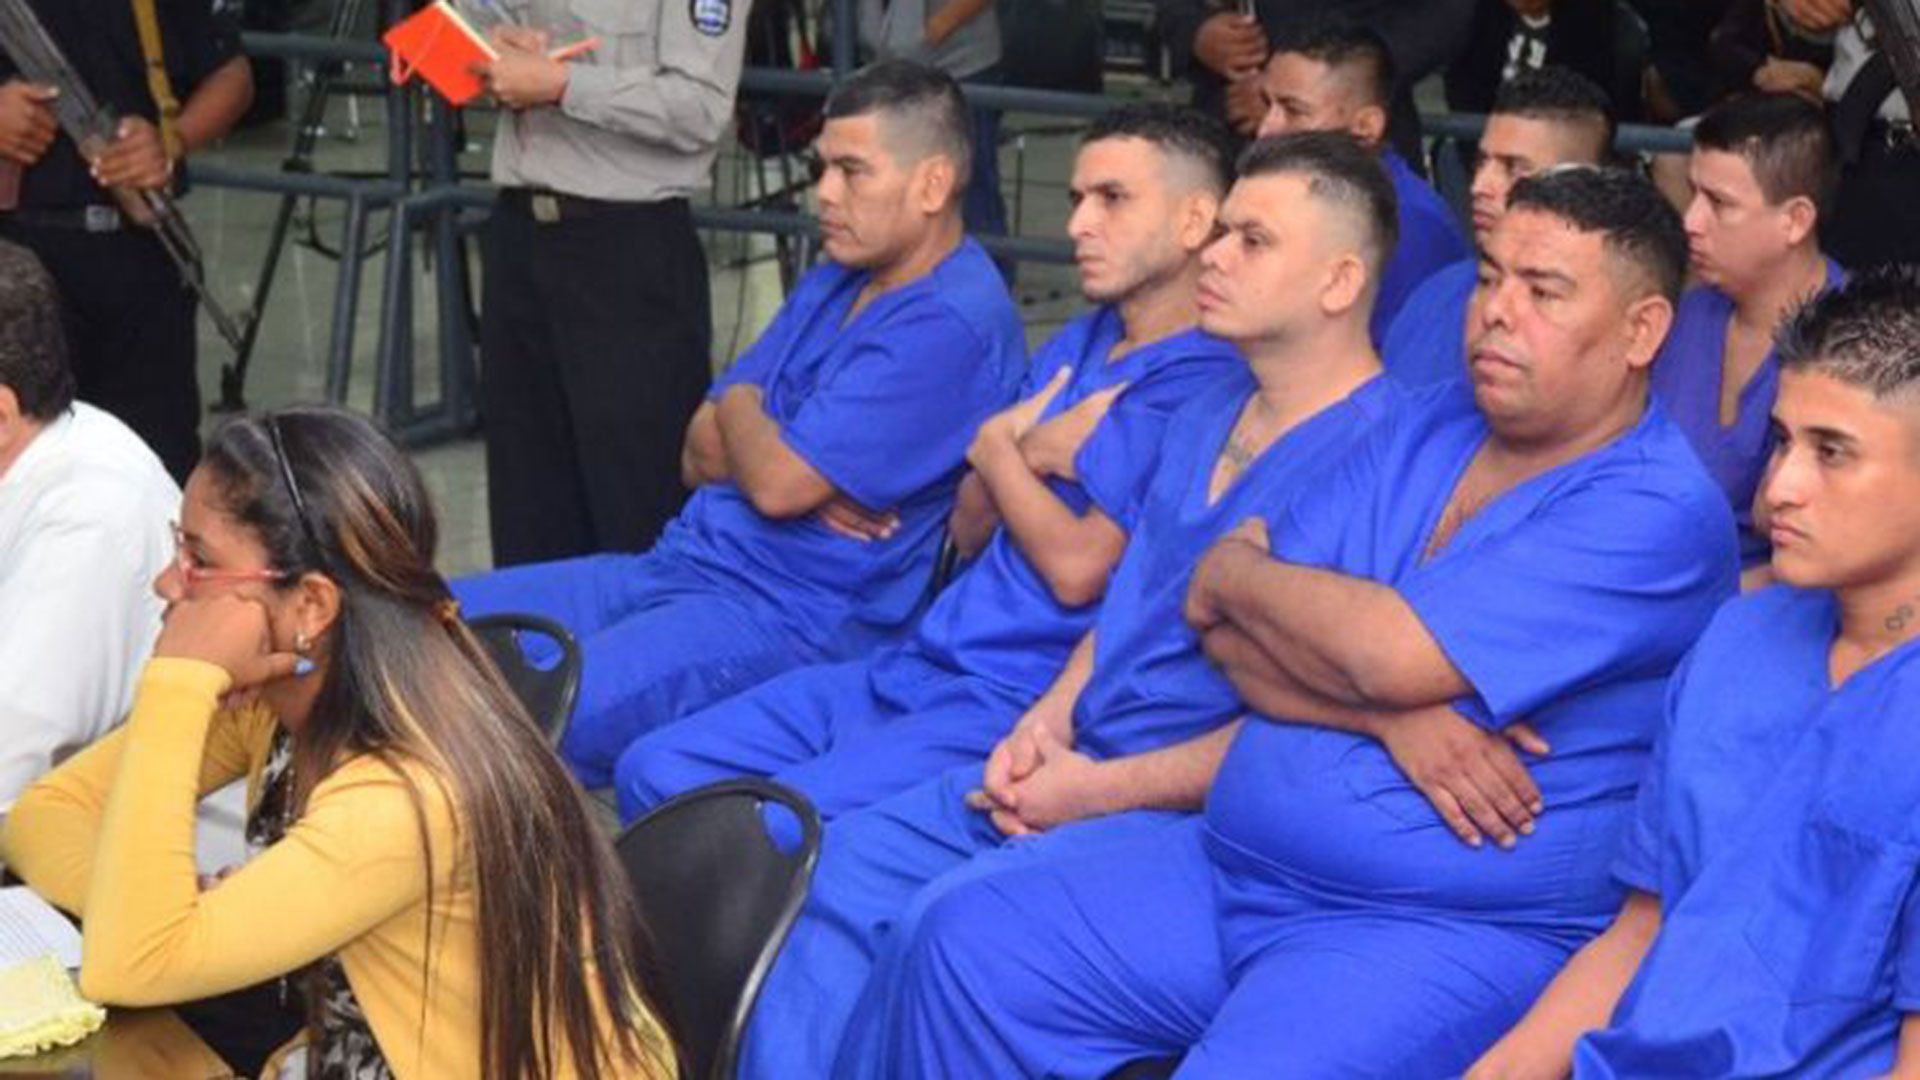 Presos políticos durante uno de los muchos juicios que se siguen en los juzgados de Nicaragua. Cortesía La Prensa/Nicaragua